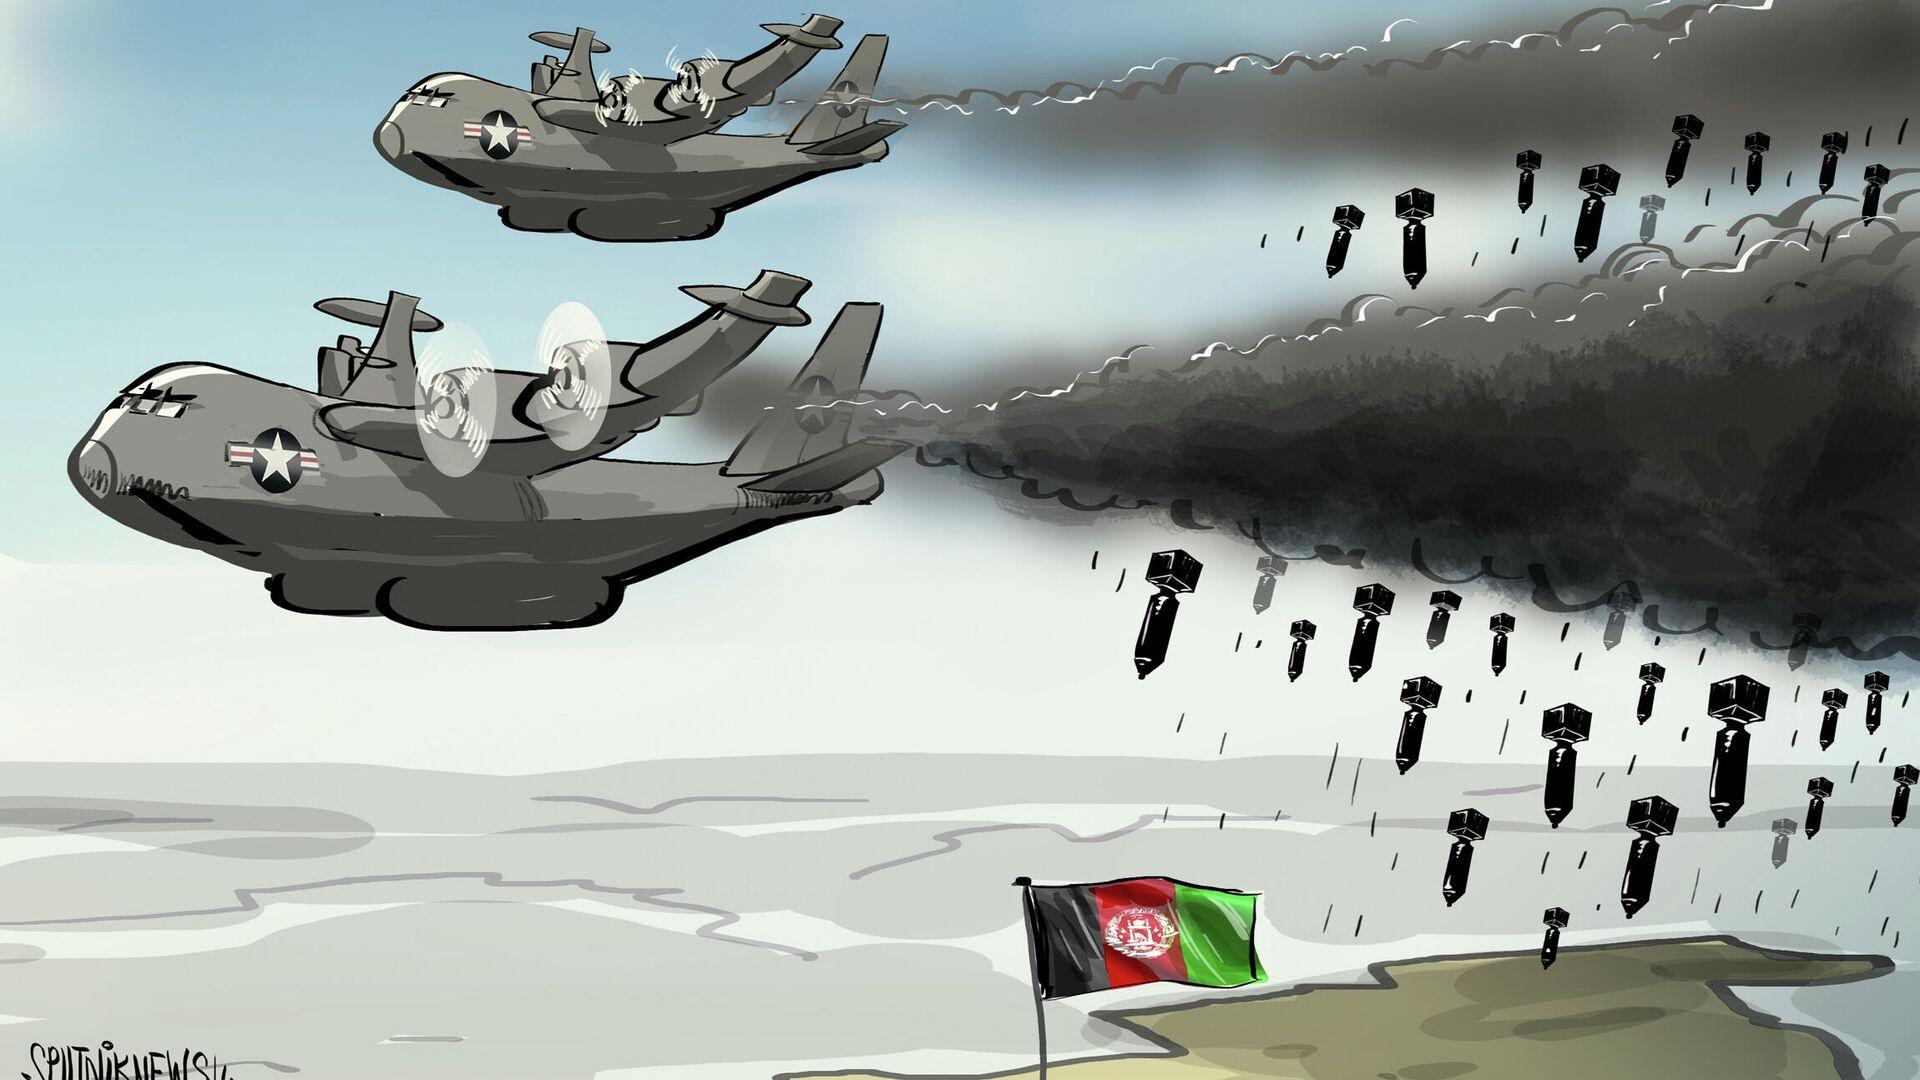 Sin tropas pero con bombardeos aéreos: EEUU promete seguir atacando a los talibanes desde el aire - Sputnik Mundo, 1920, 26.07.2021